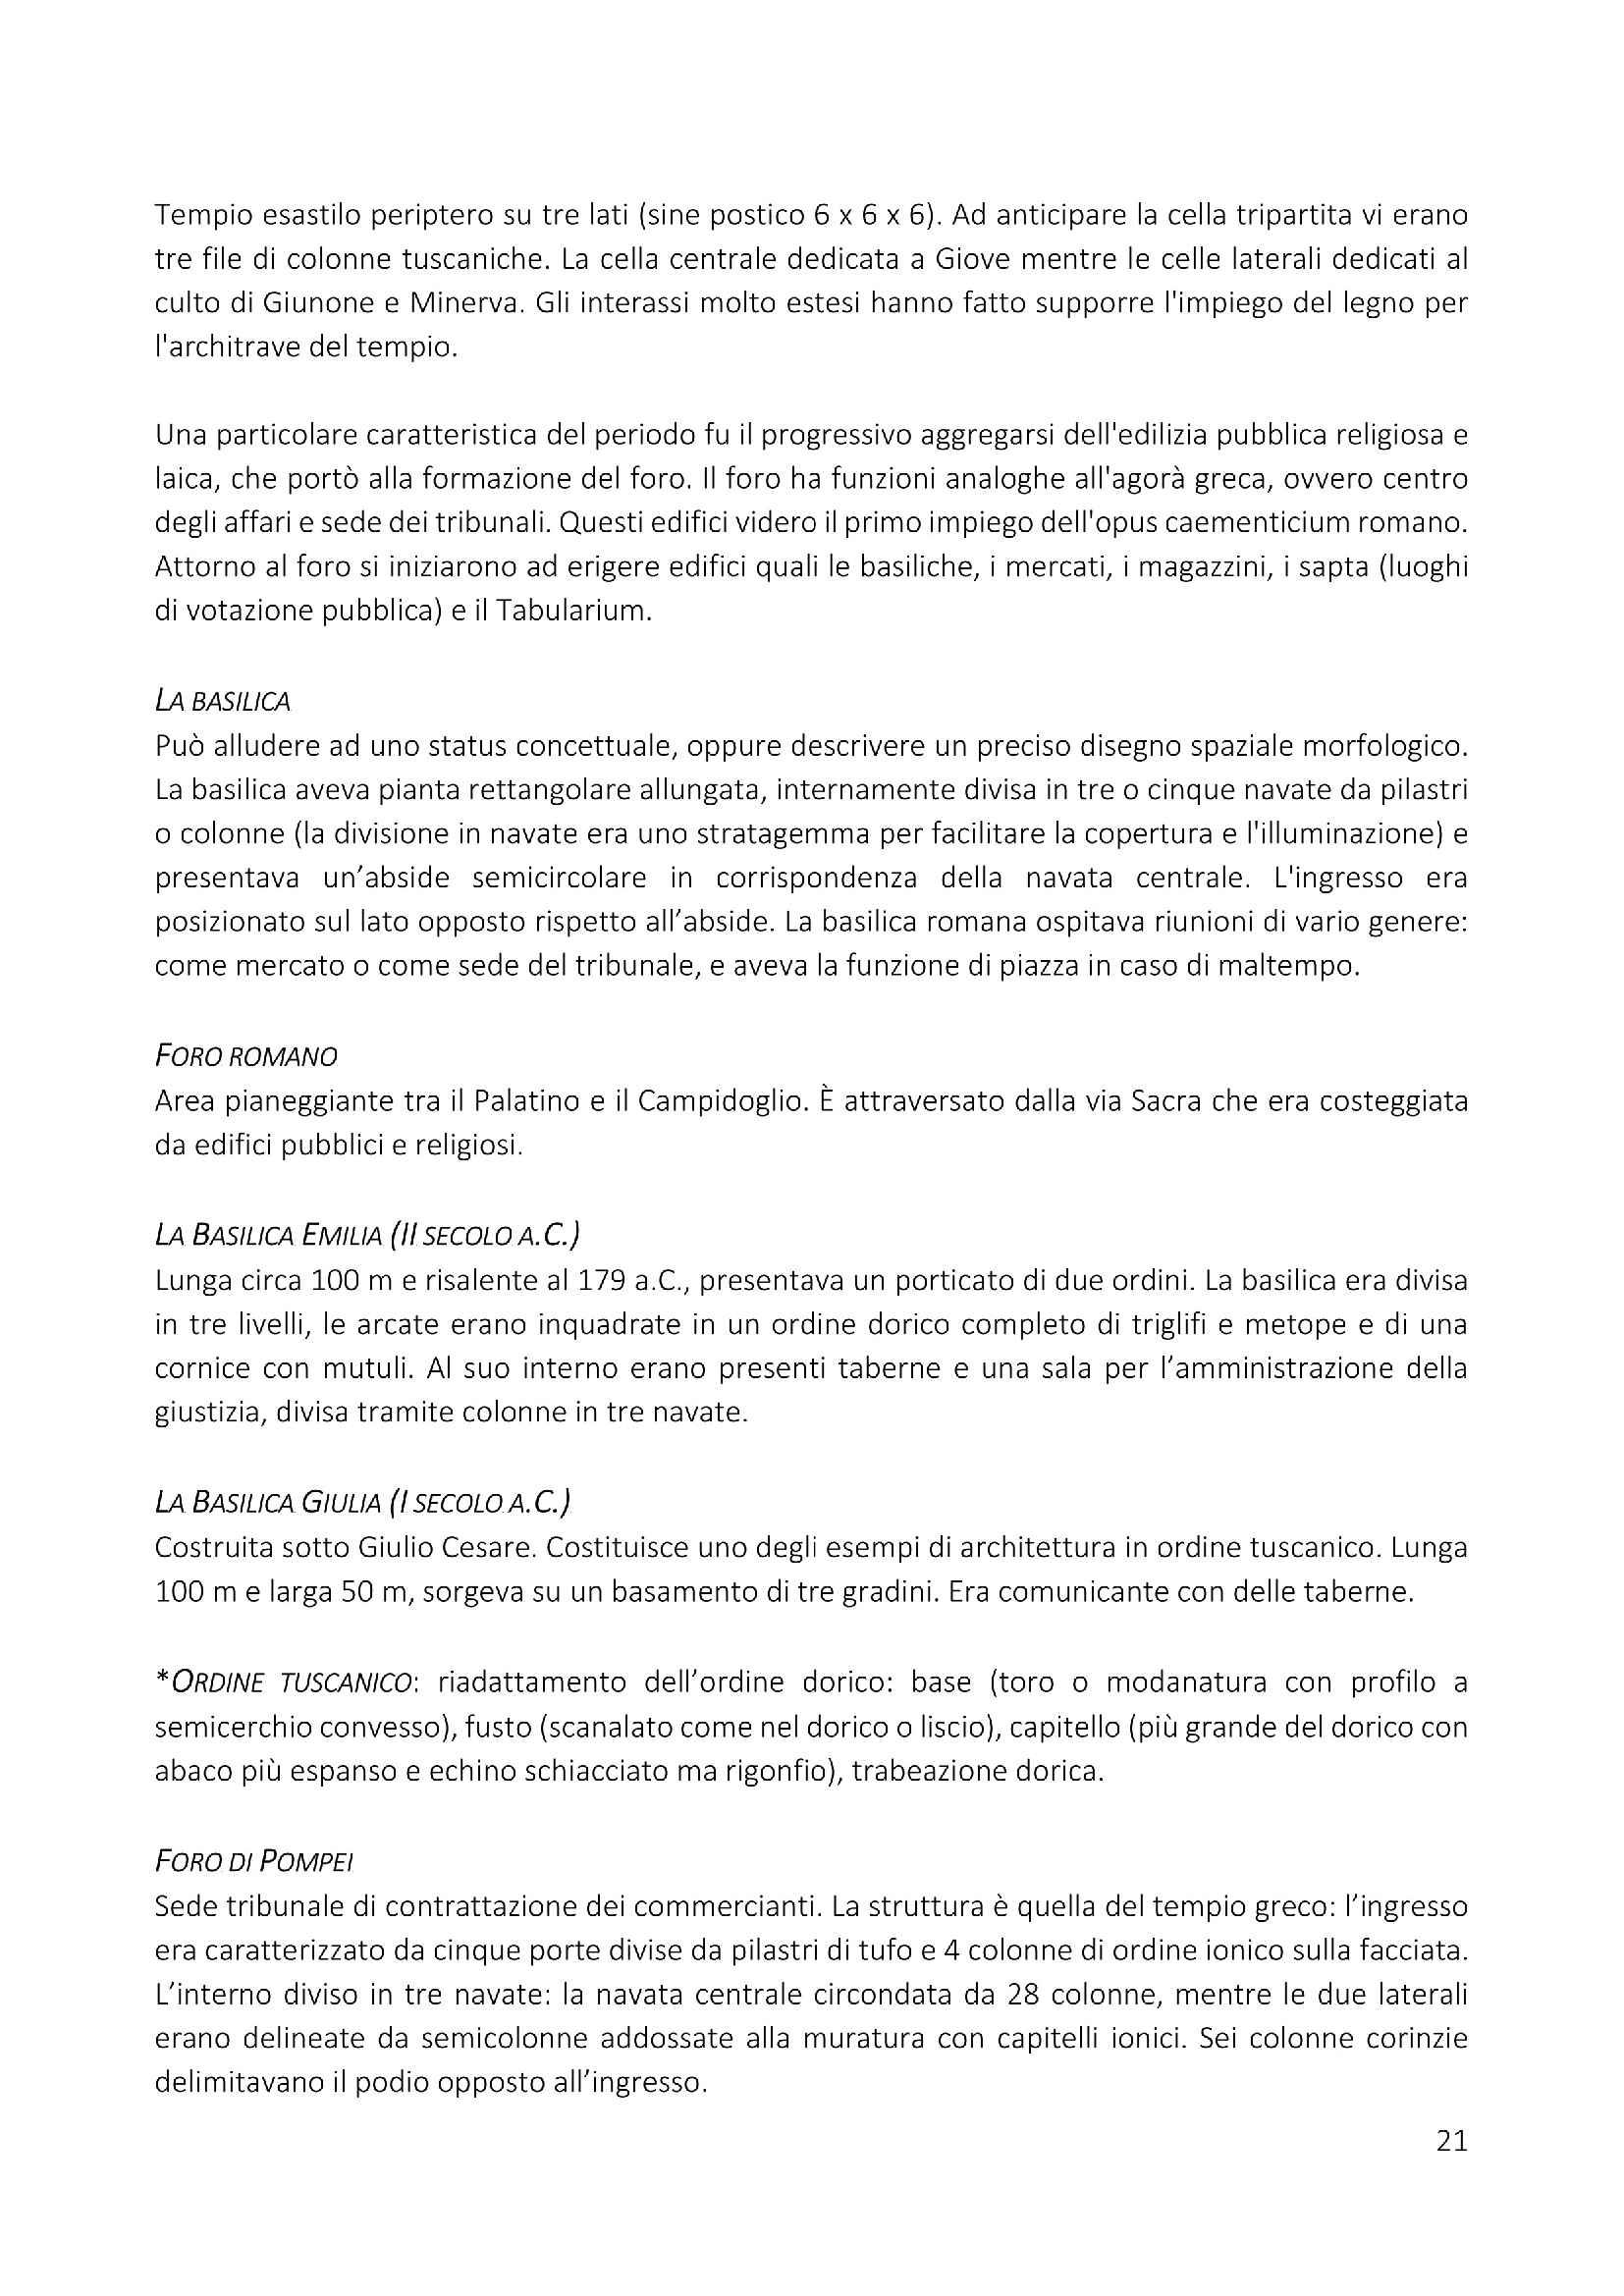 Riassunto del programma di storia dell'architettura ed estetica del prof. Dimitri Ticconi Pag. 21